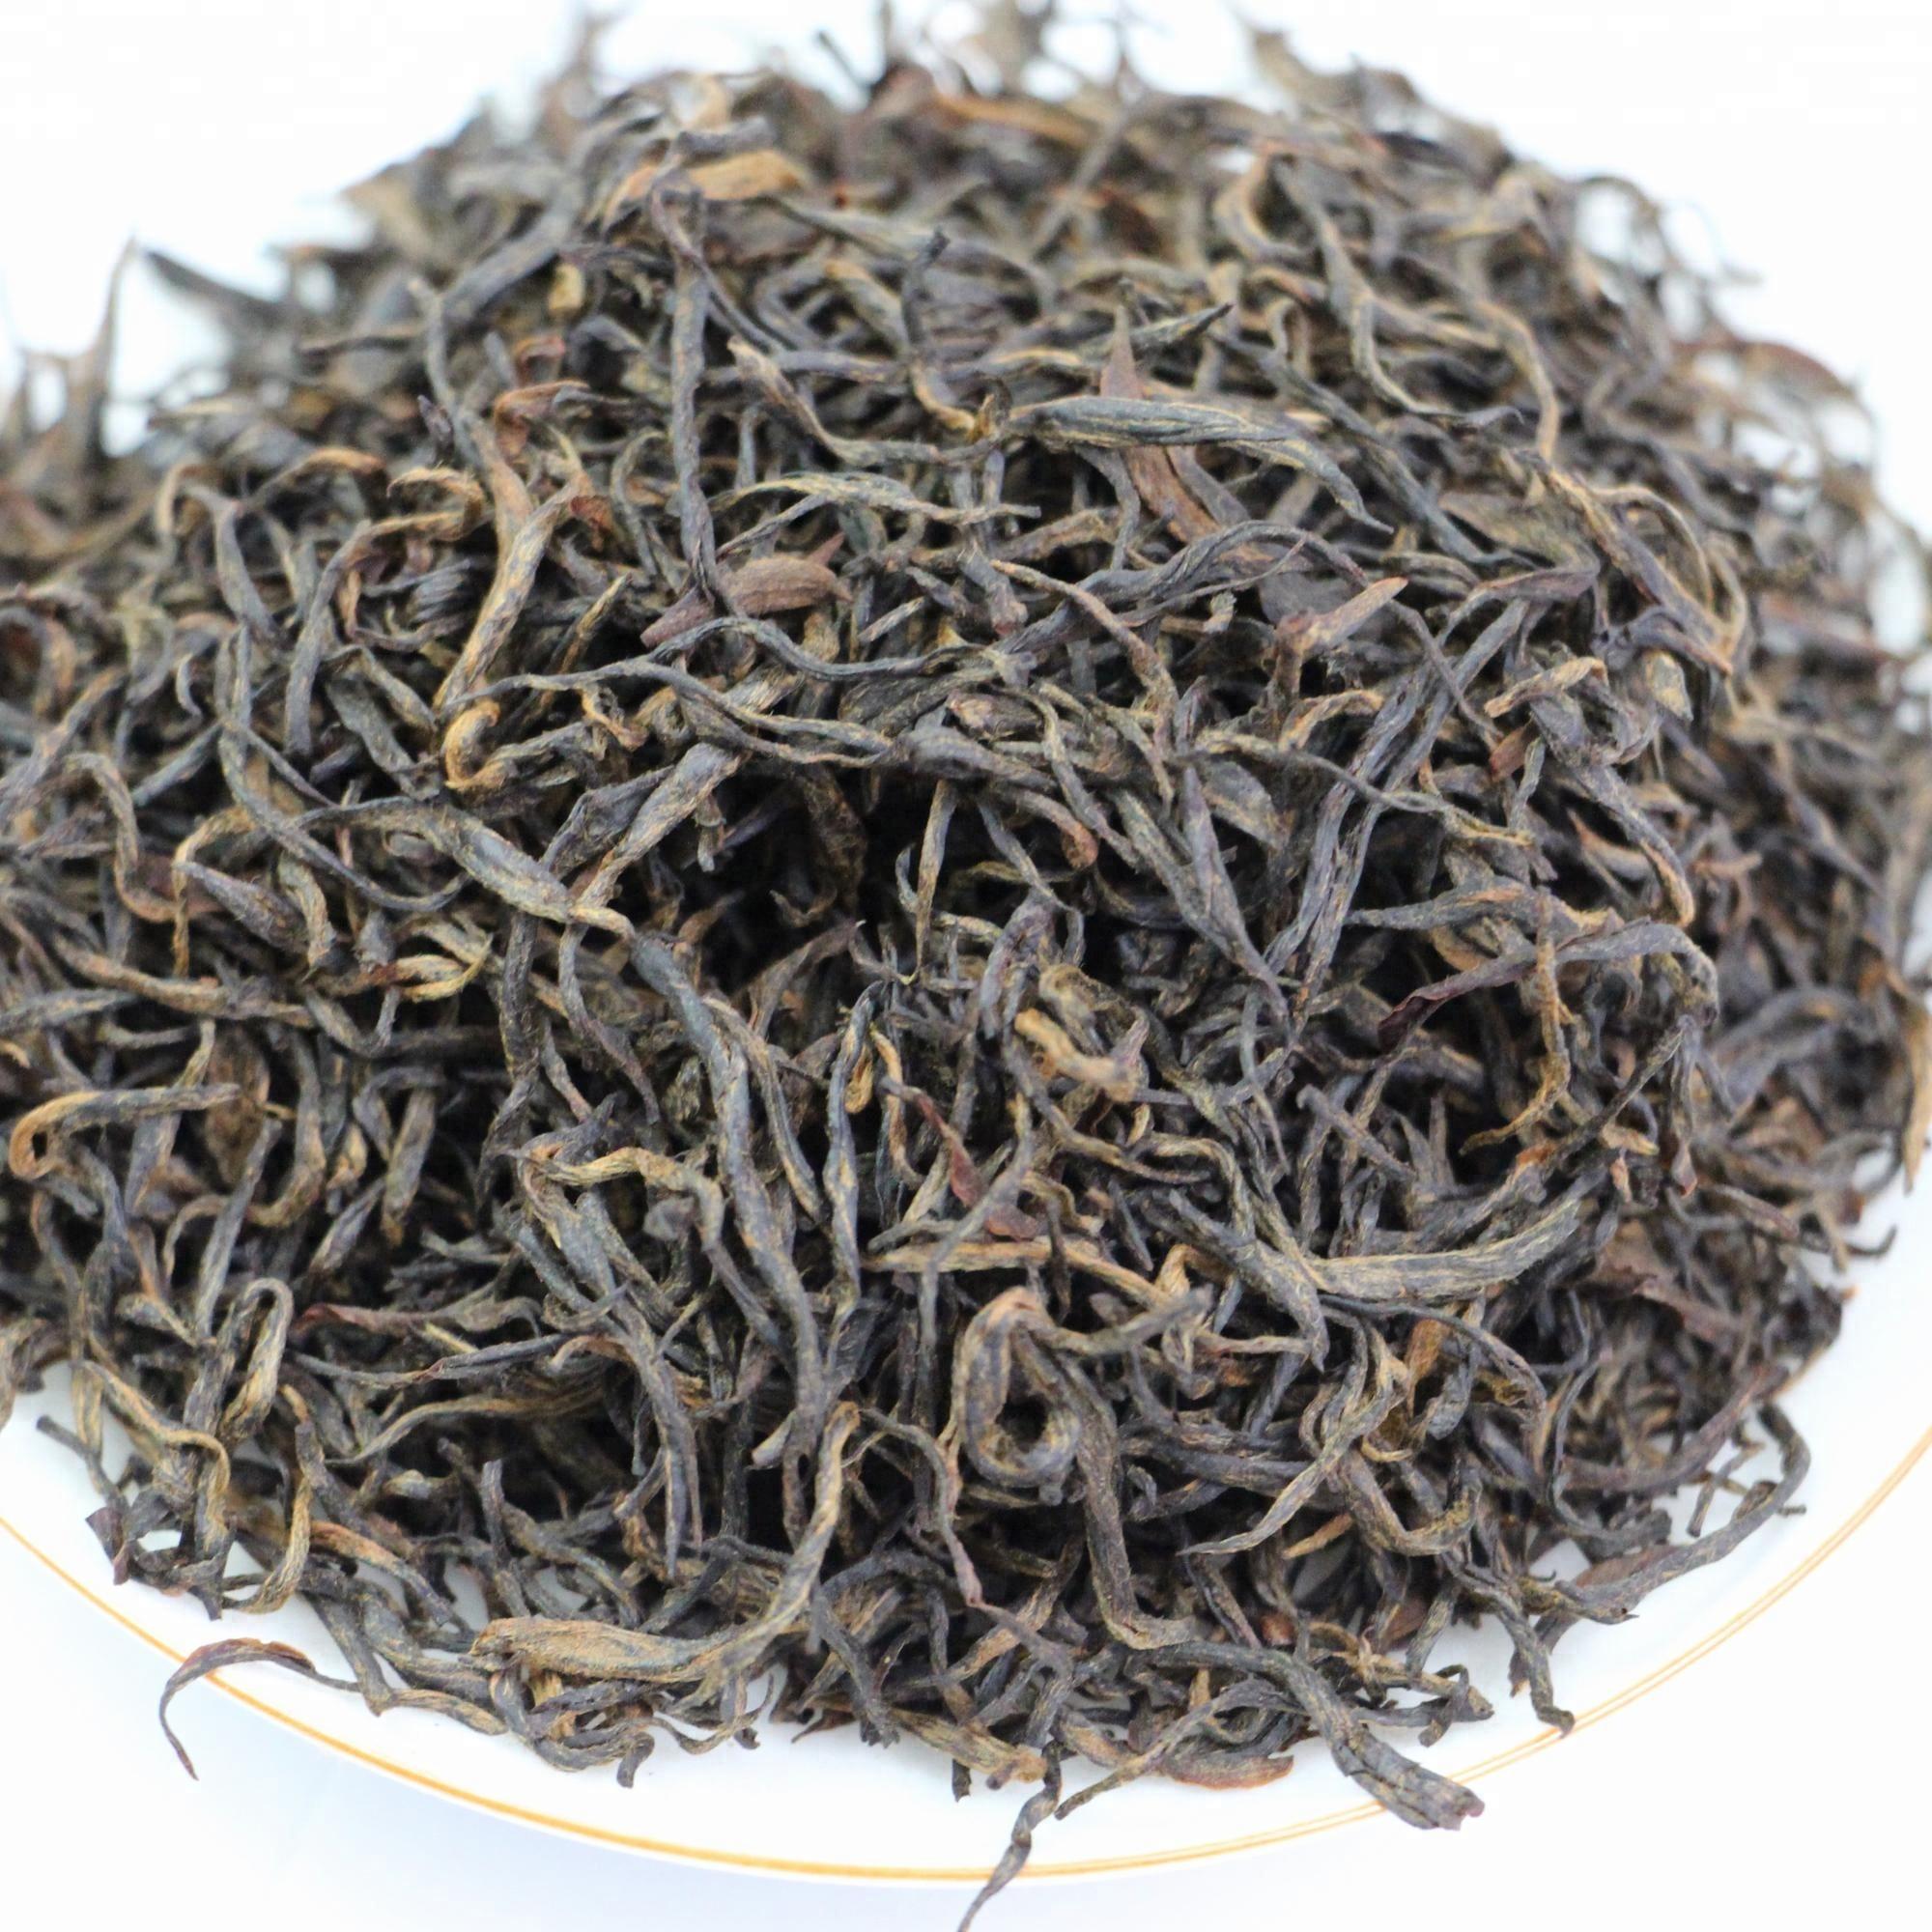 black tea brands in China organic black tea - 4uTea   4uTea.com